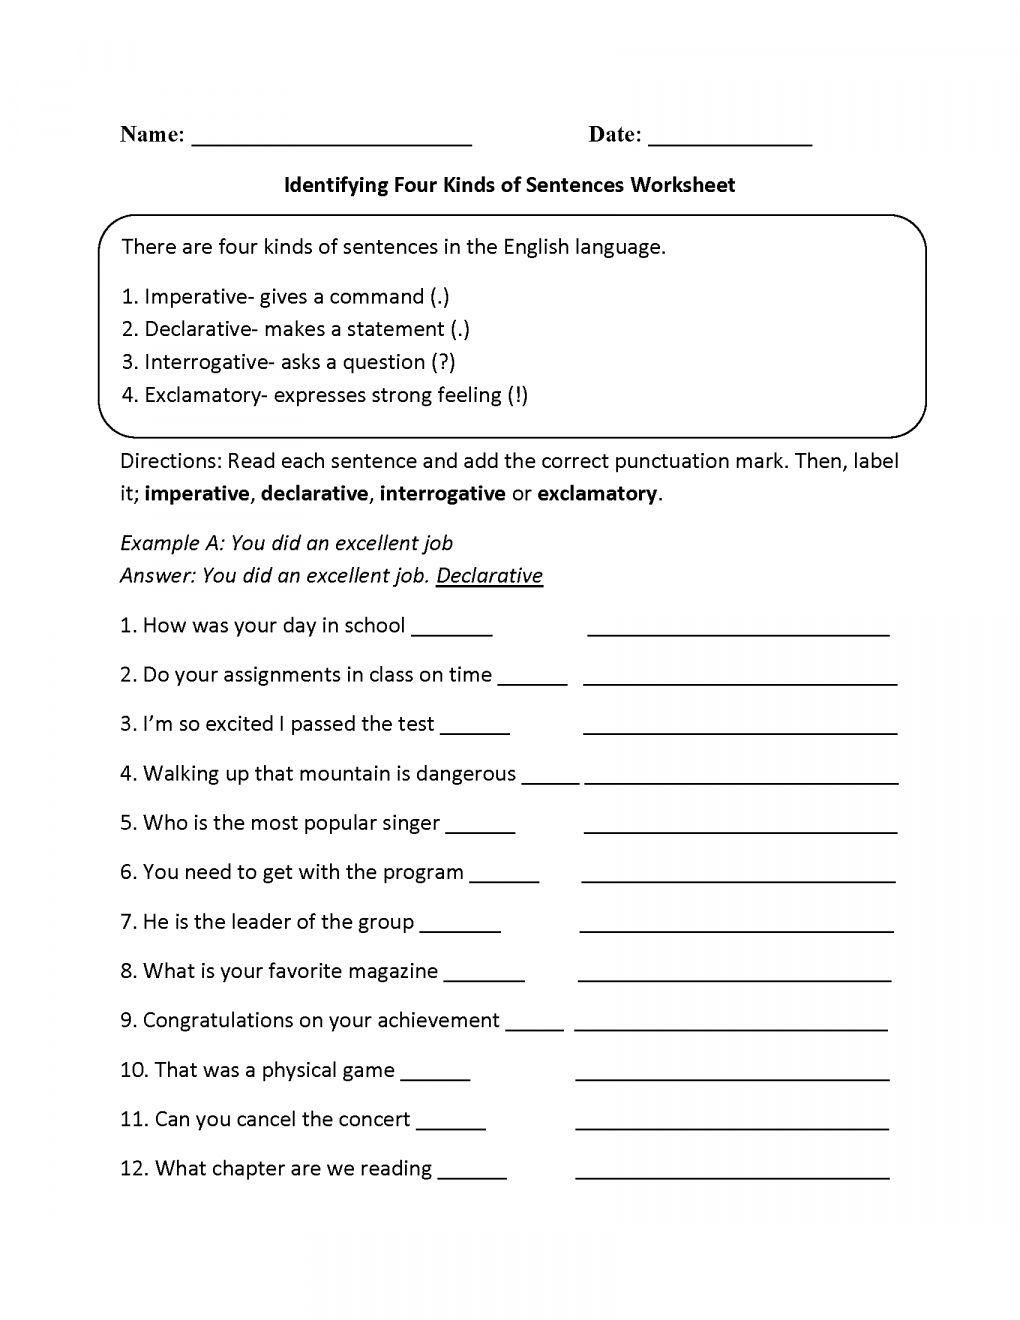 7 4 Kinds Of Sentences Worksheet 4th Grade Grade Printable Sheets Com In 2020 Types Of Sentences Worksheet Complex Sentences Worksheets Types Of Sentences